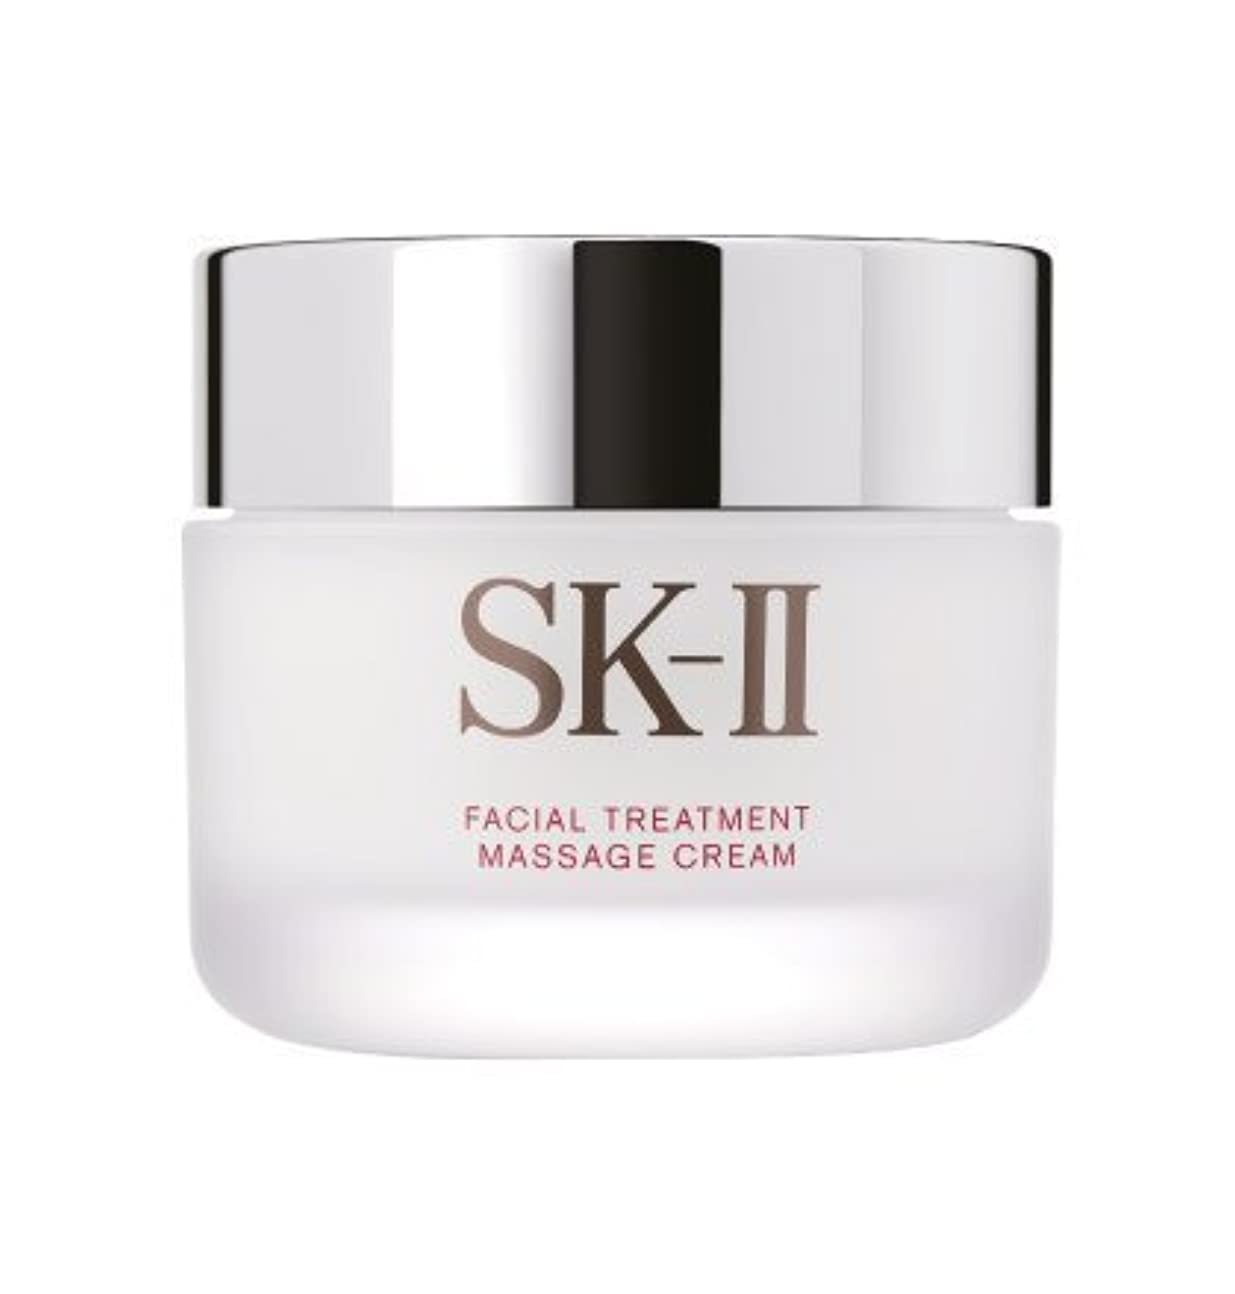 一般的な治療品種SK-II フェイシャル トリートメント マッサージ クリーム 80g SK2 マックスファクター 化粧品 美容 クリーム